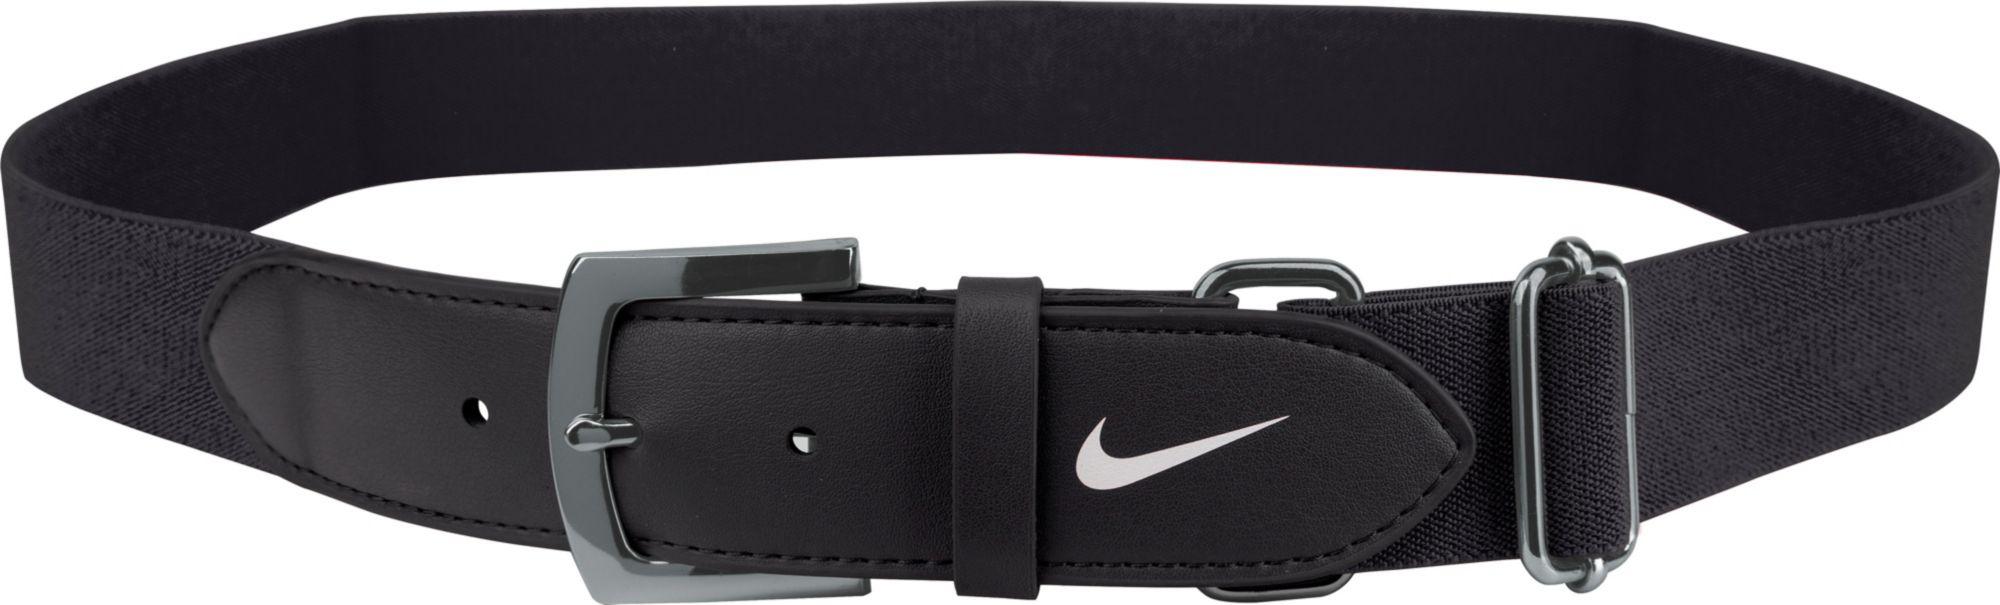 Nike Adult Baseball Belt 2 0 DICKS Sporting Goods